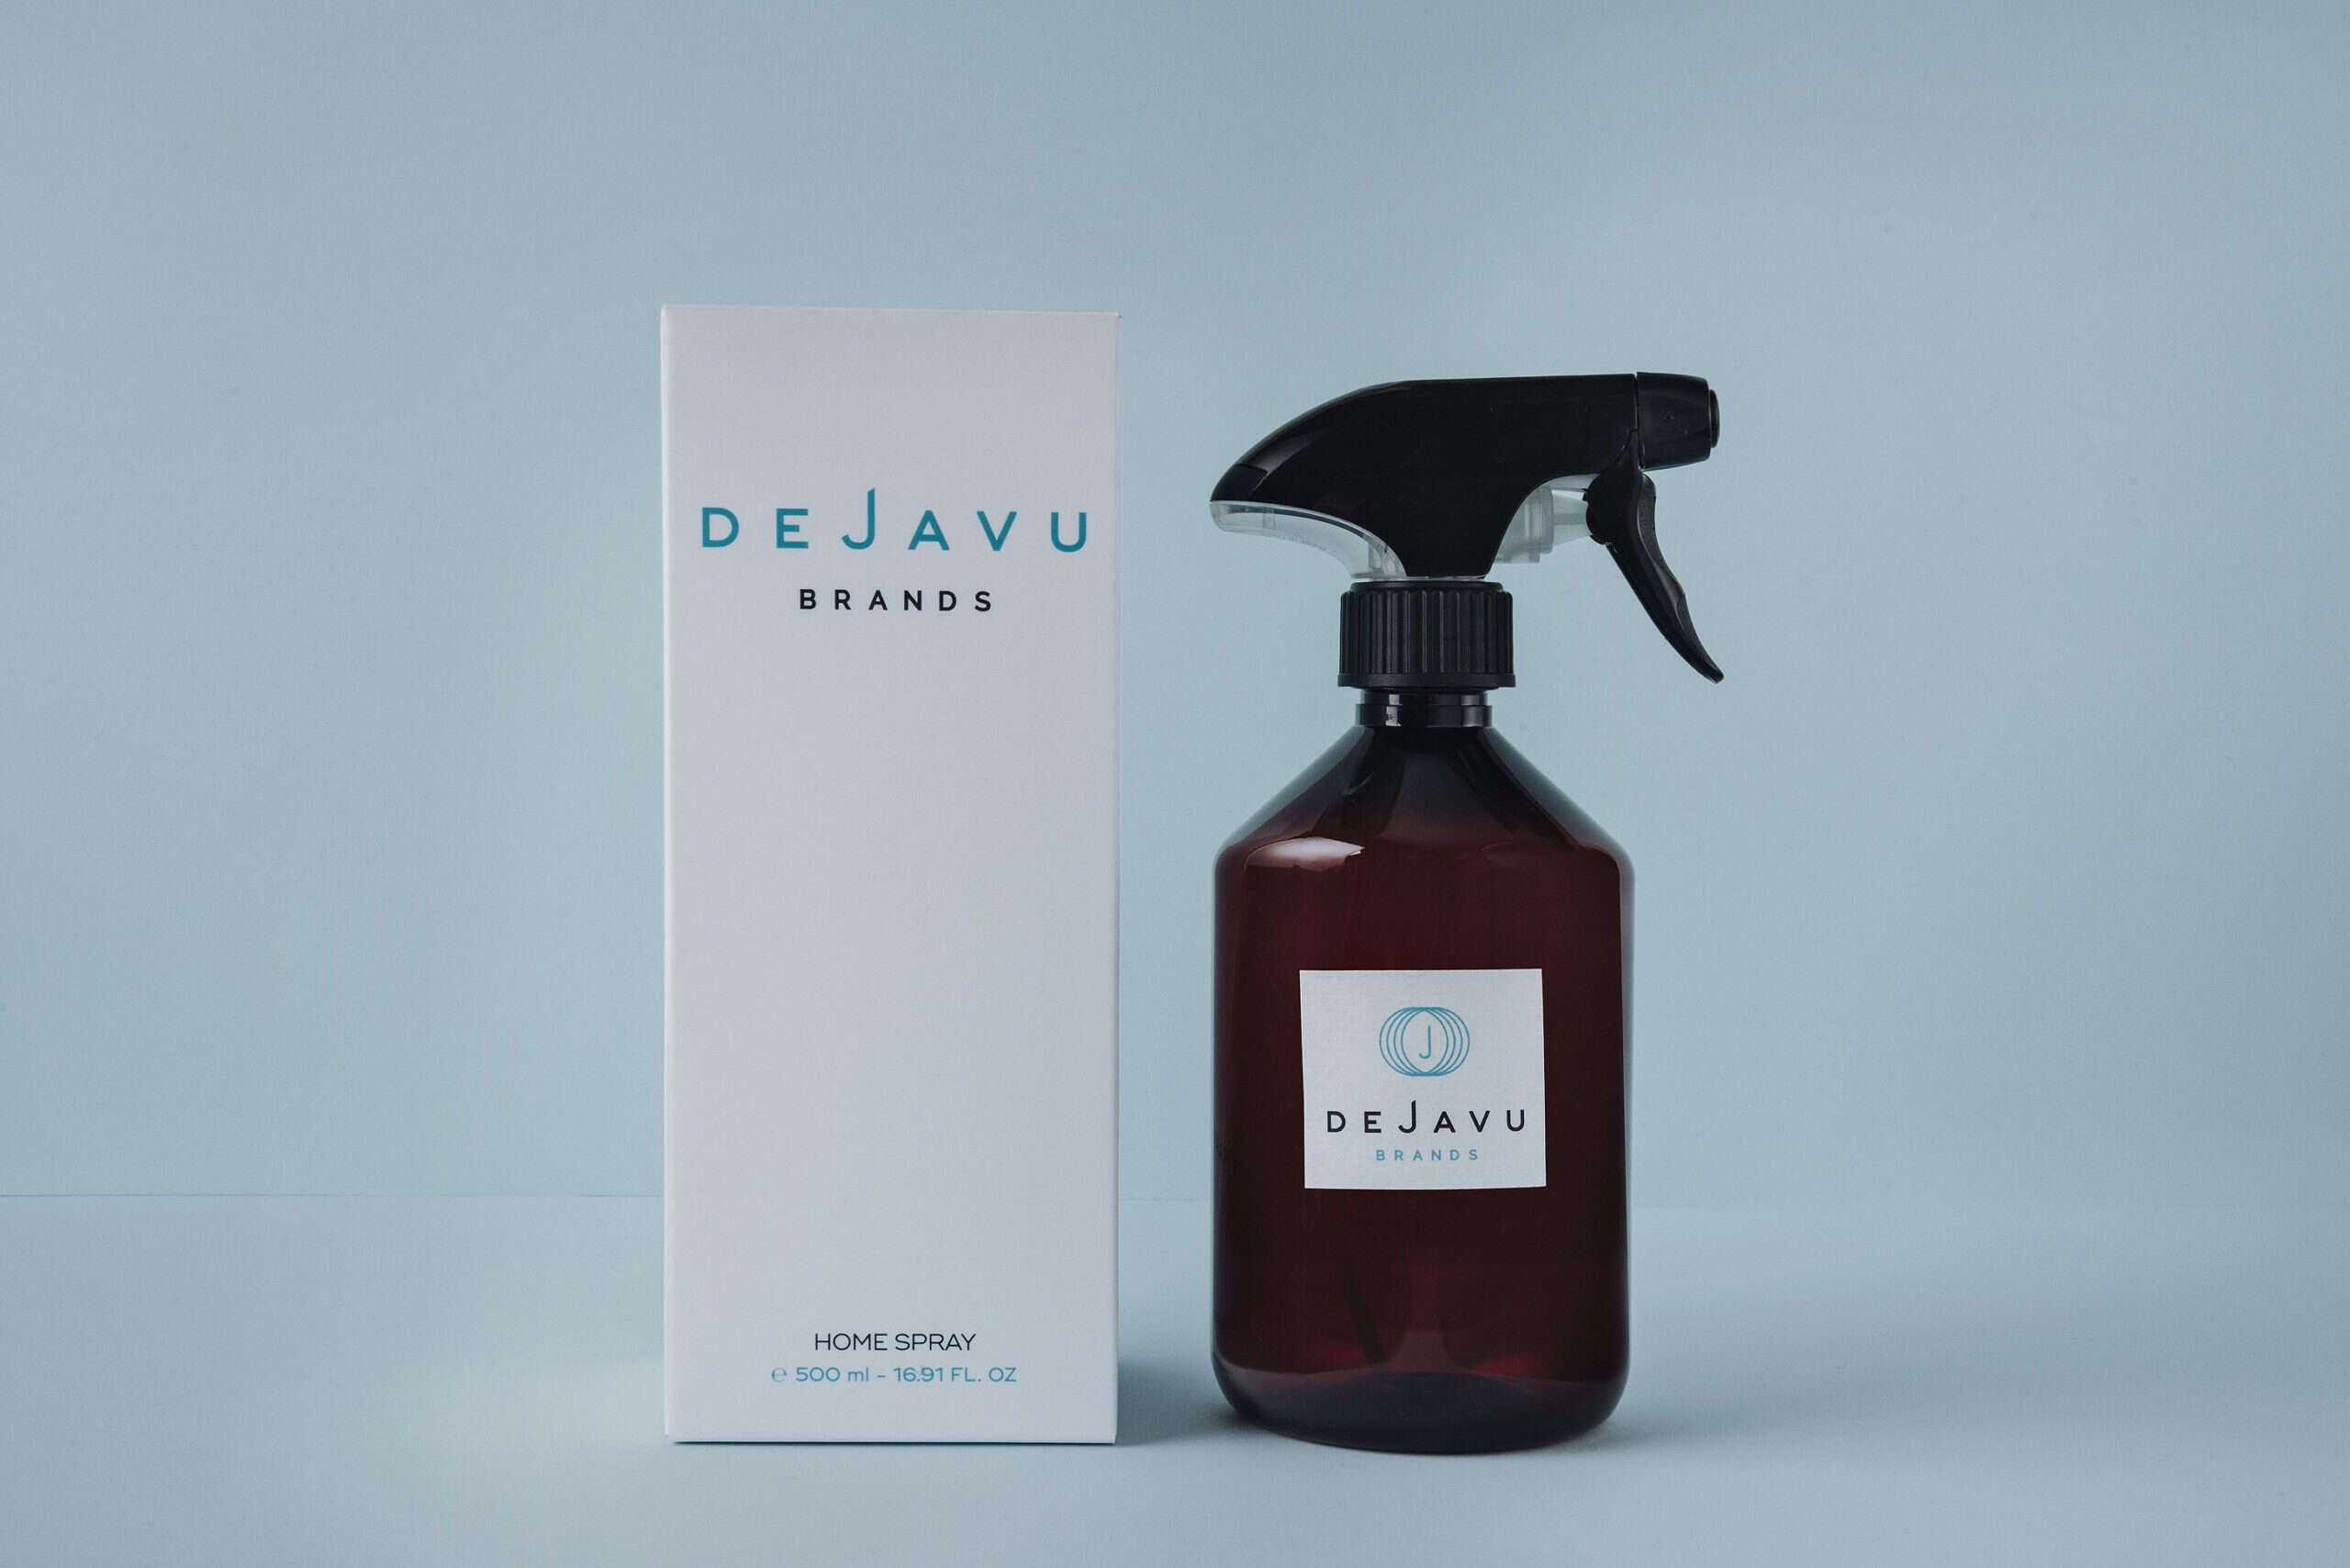 7 Home Spray para perfumar tu hogar